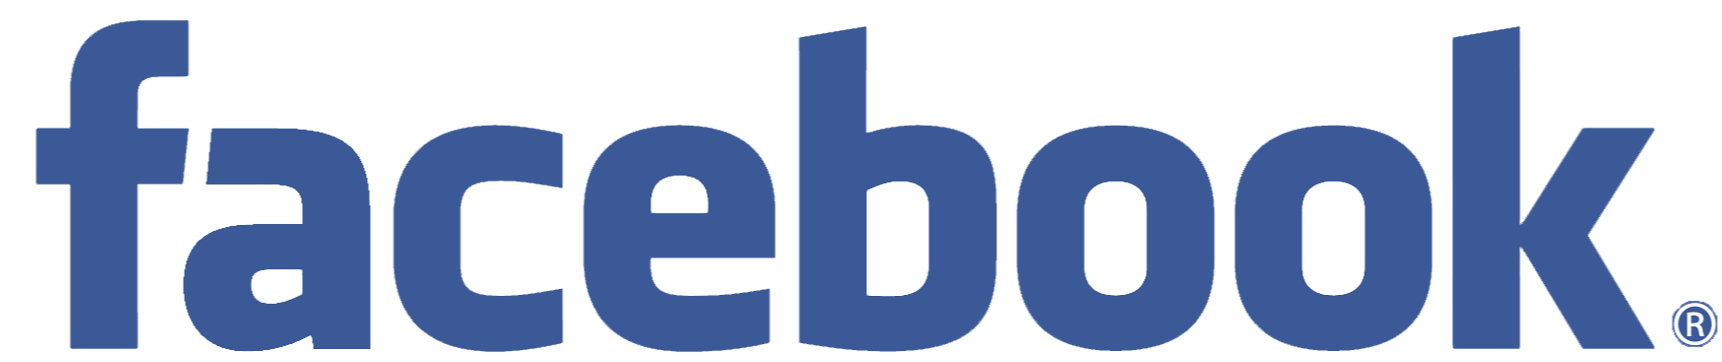 facebook_logos_PNG19749